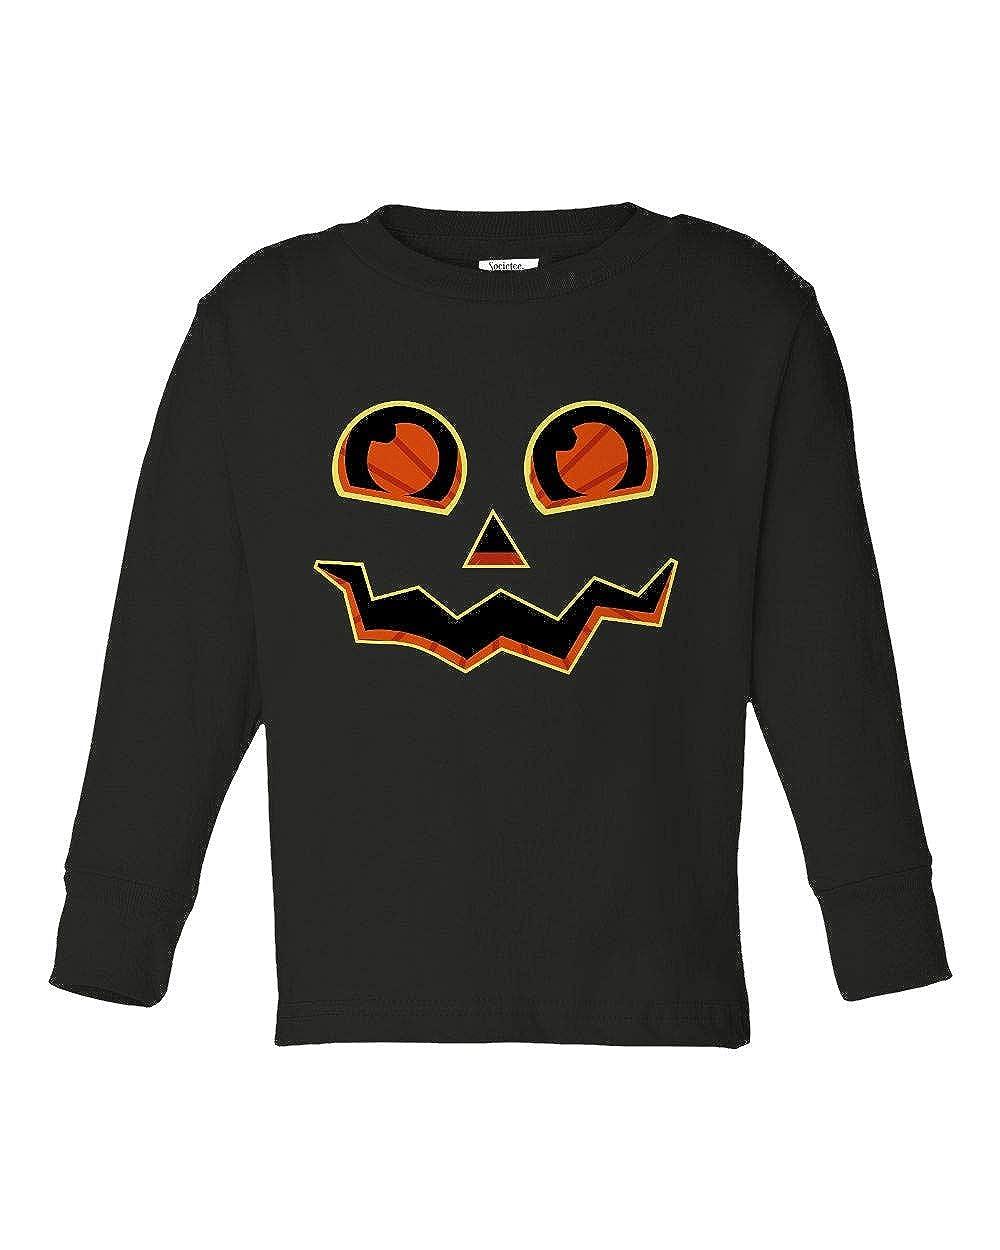 Societee Halloween Pumpkin Face Cute Girls Boys Toddler Long Sleeve T-Shirt